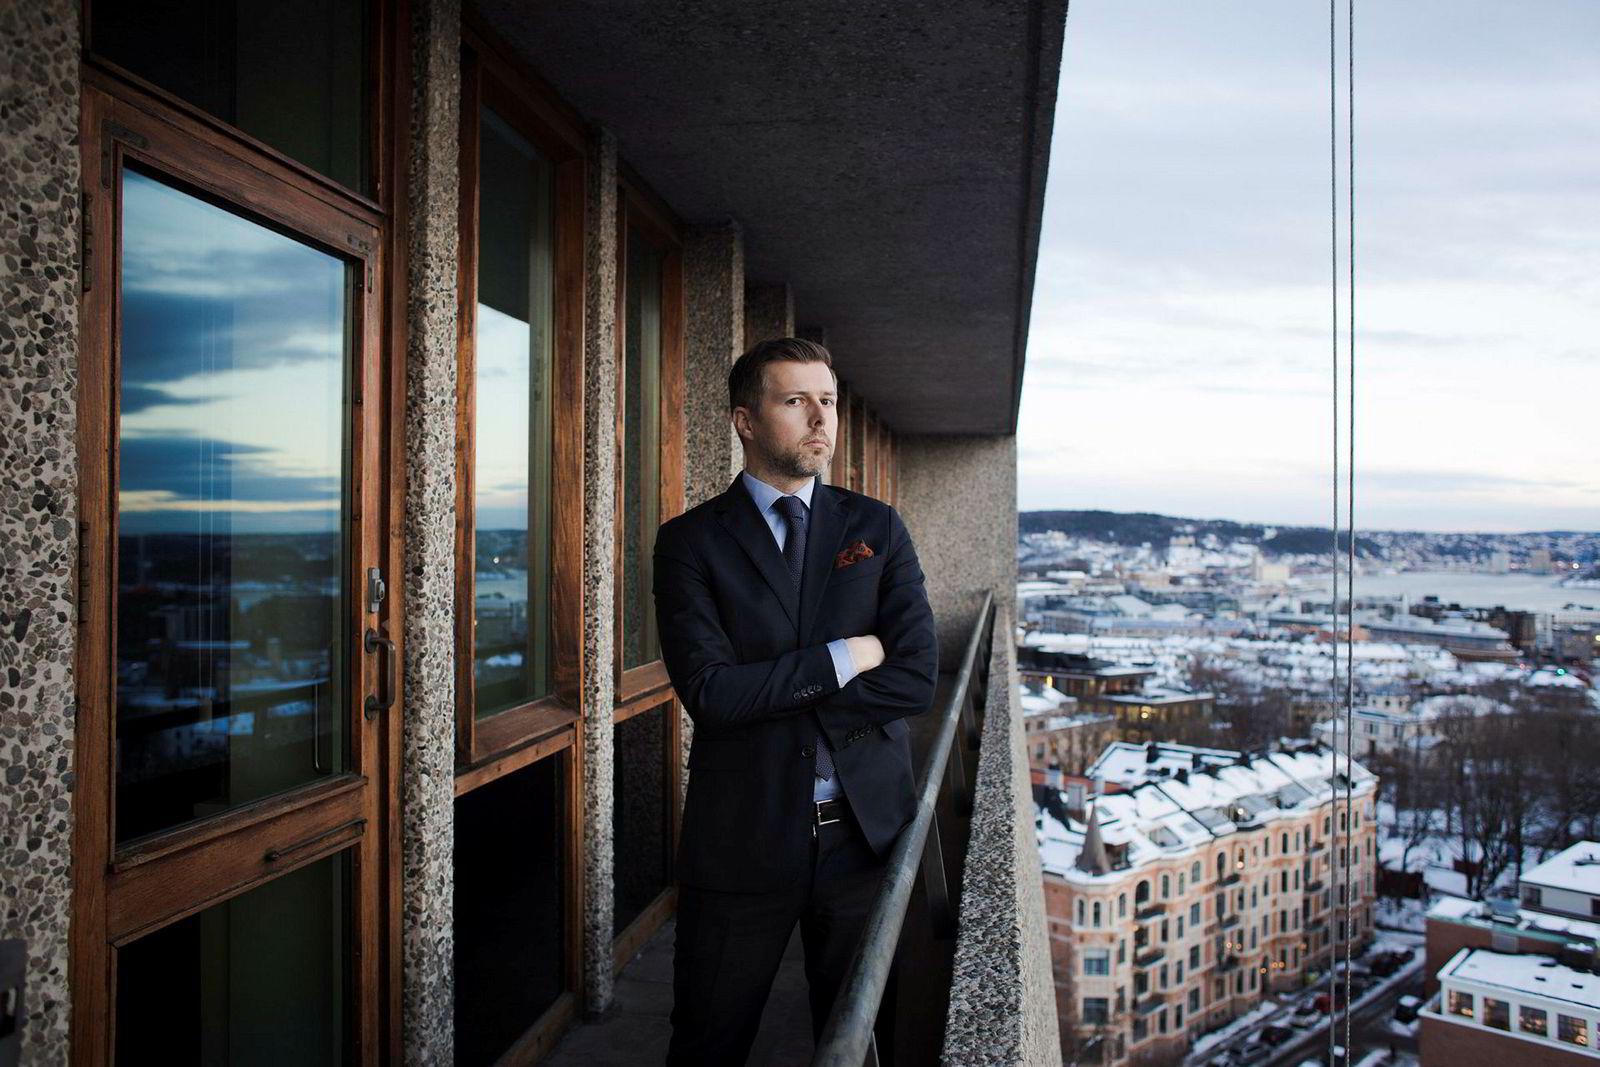 Simen Klevstrand i Advokatfirmaet Haavind mener tyske myndigheter har vært kreative.